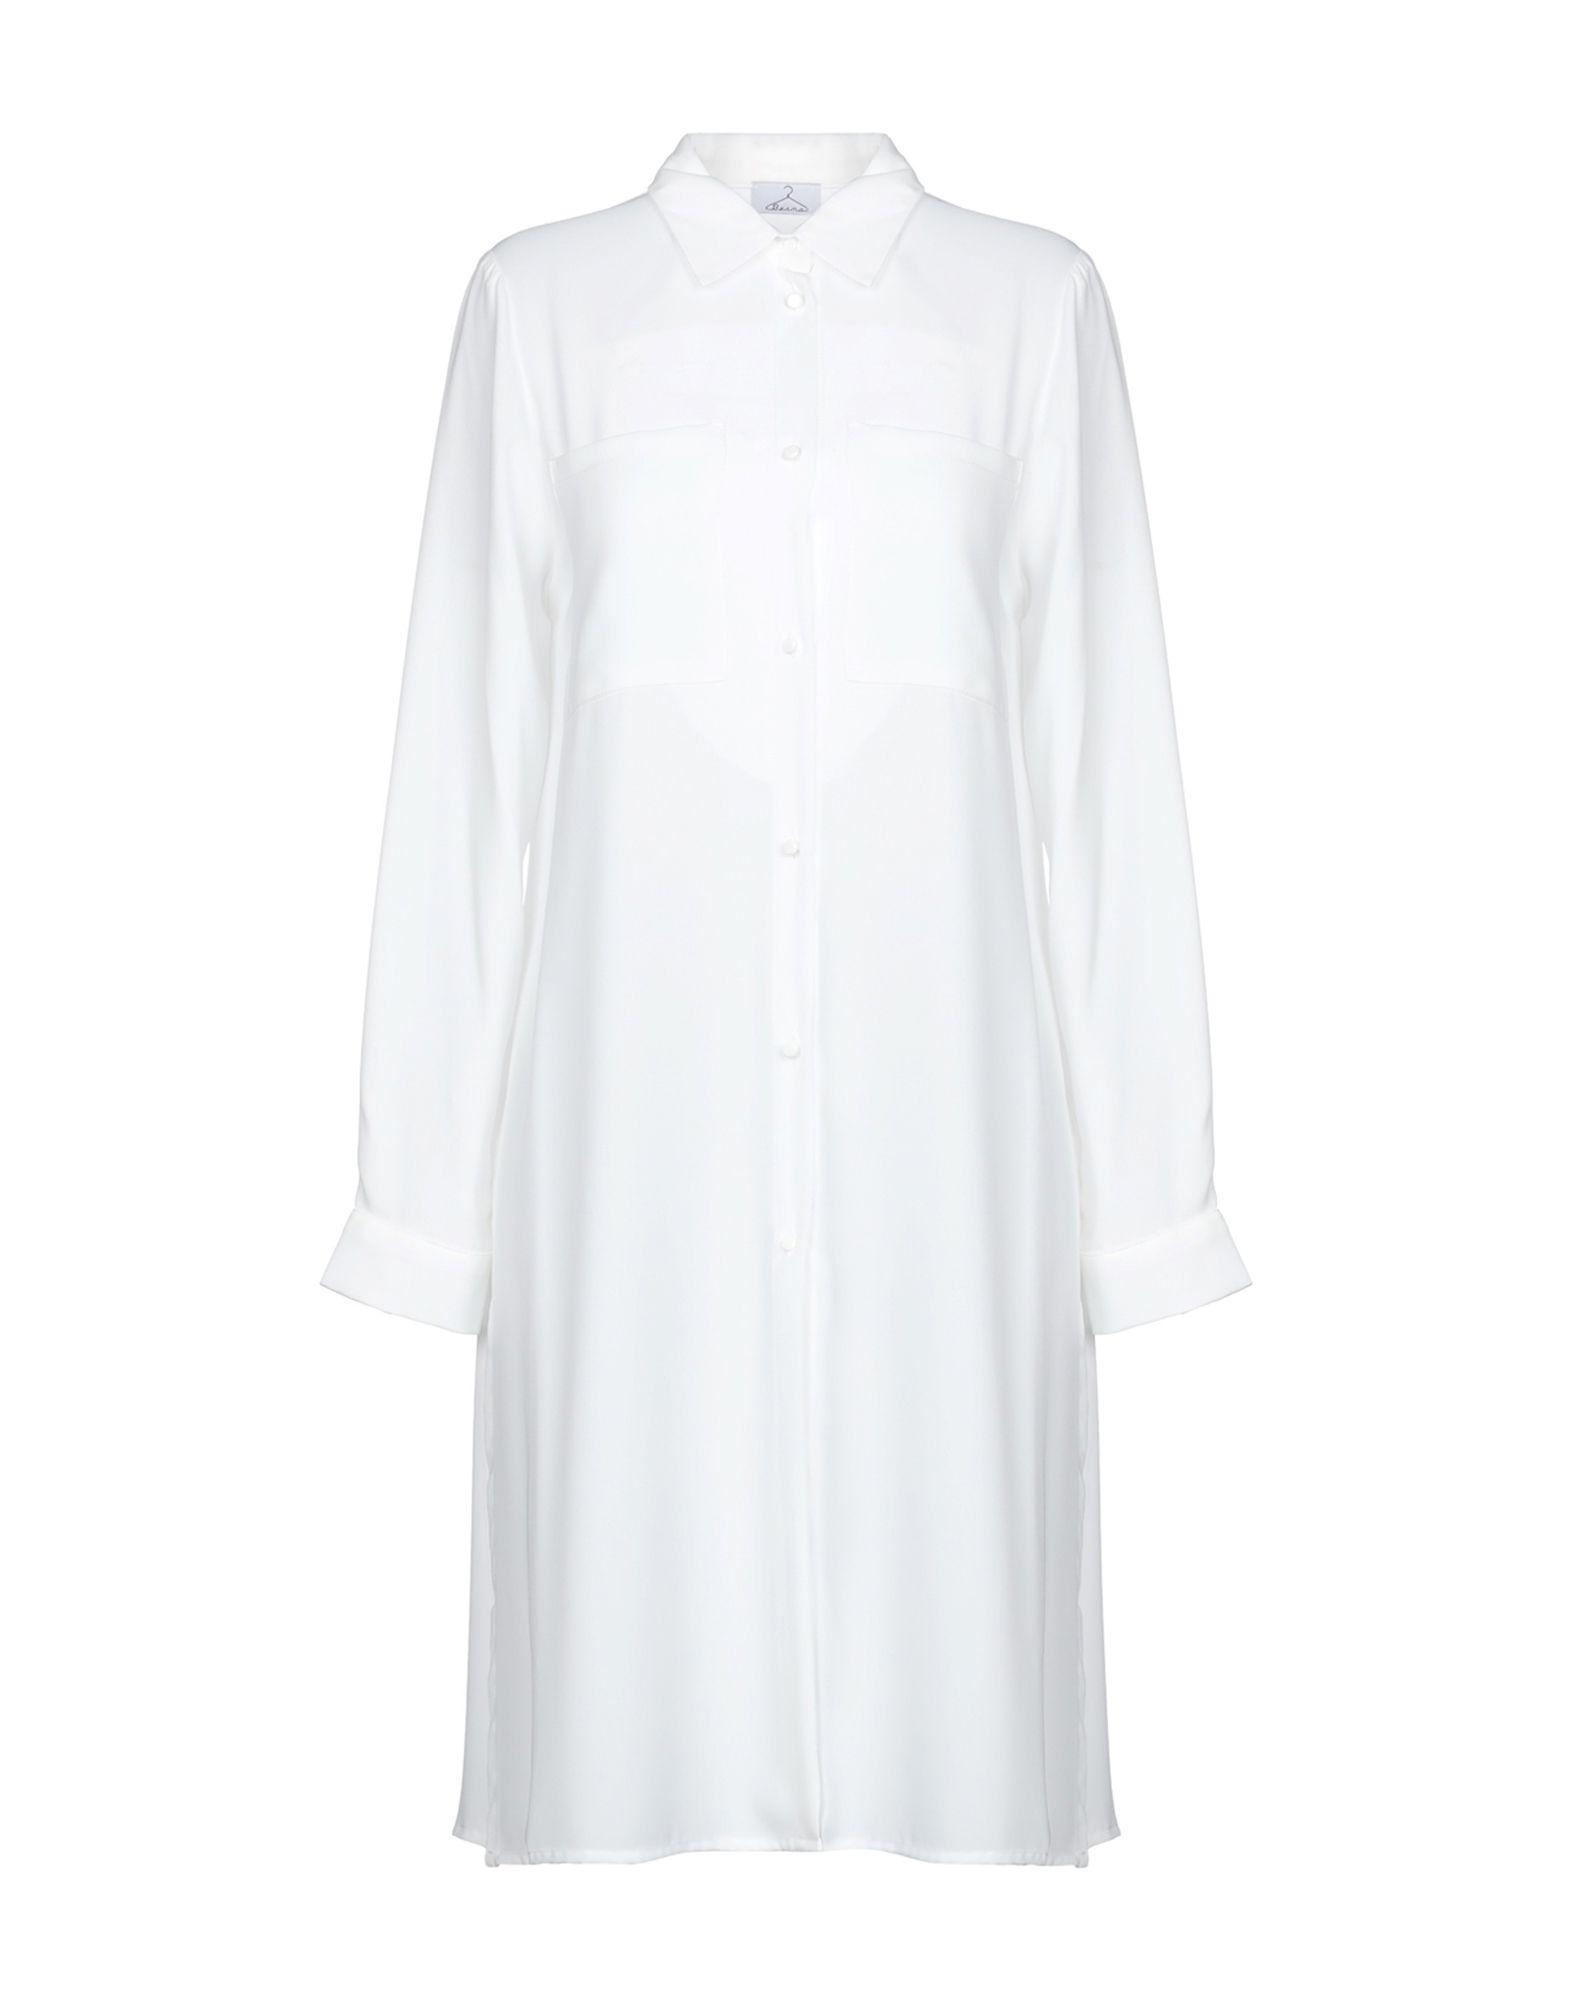 《期間限定セール中》BERNA レディース シャツ ホワイト S 100% ポリエステル